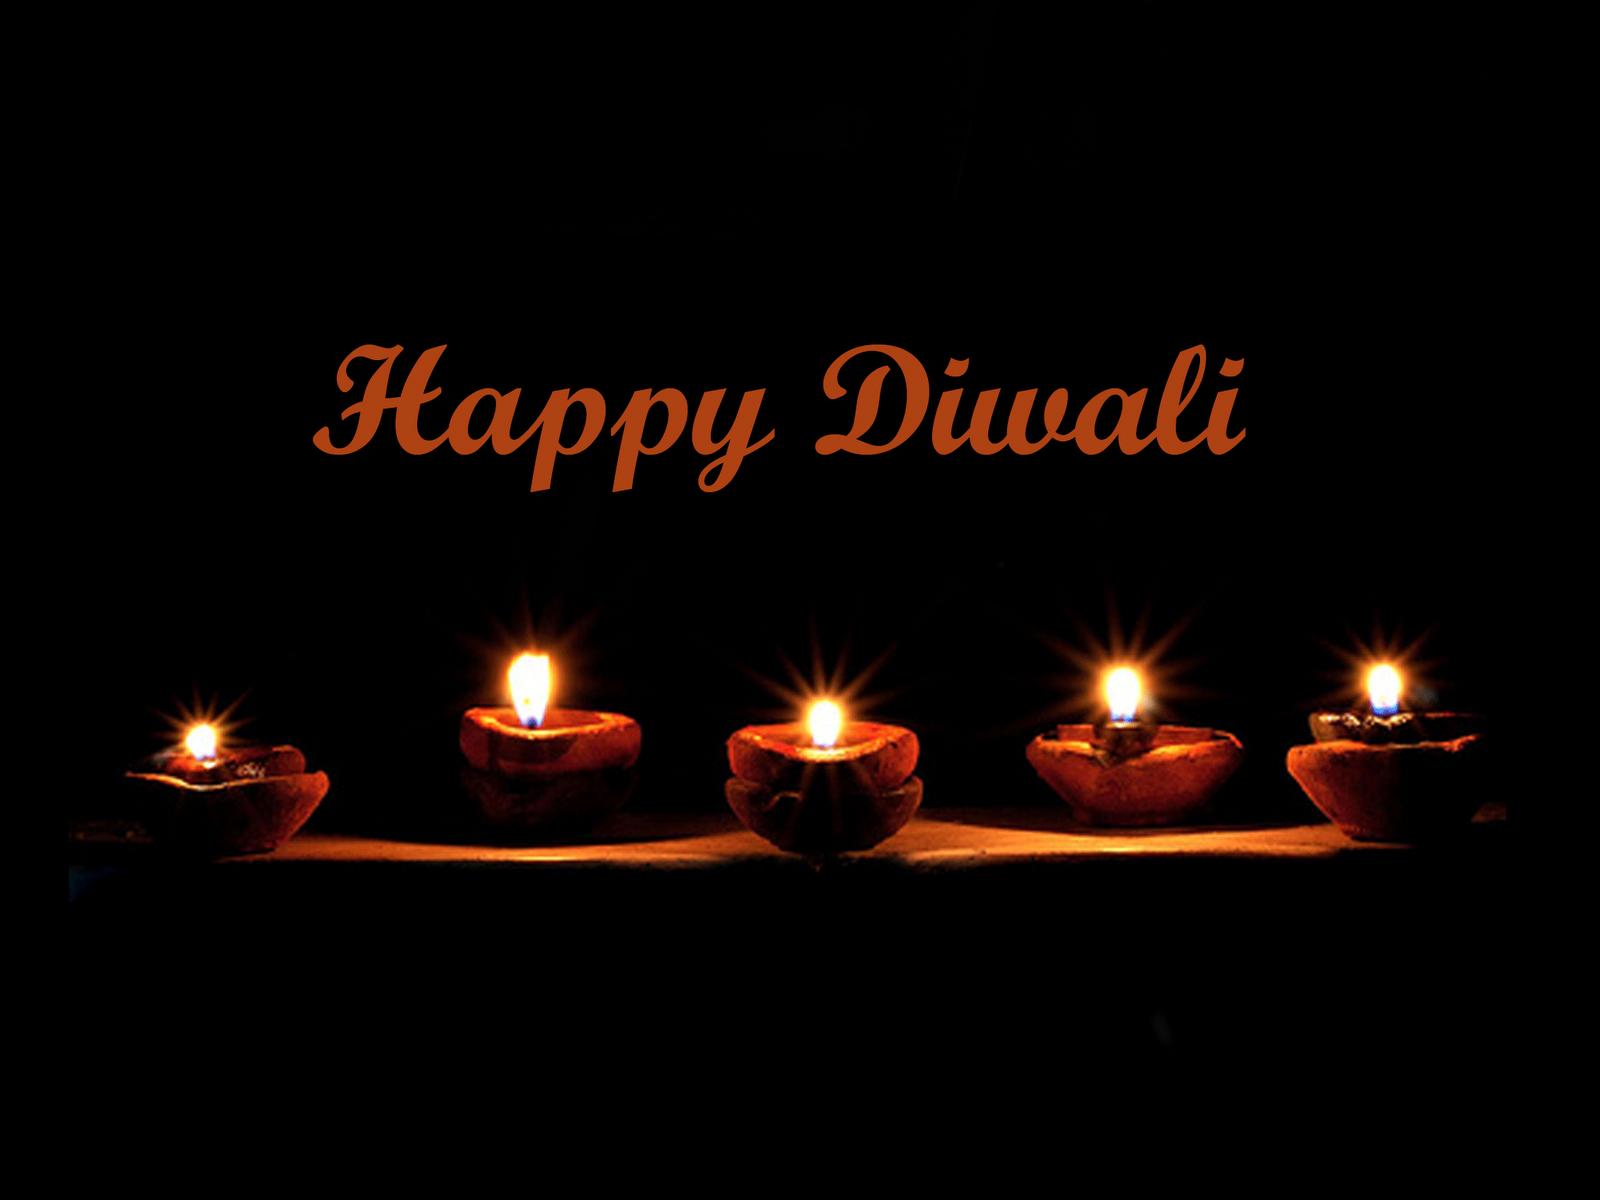 Deepavali Photos